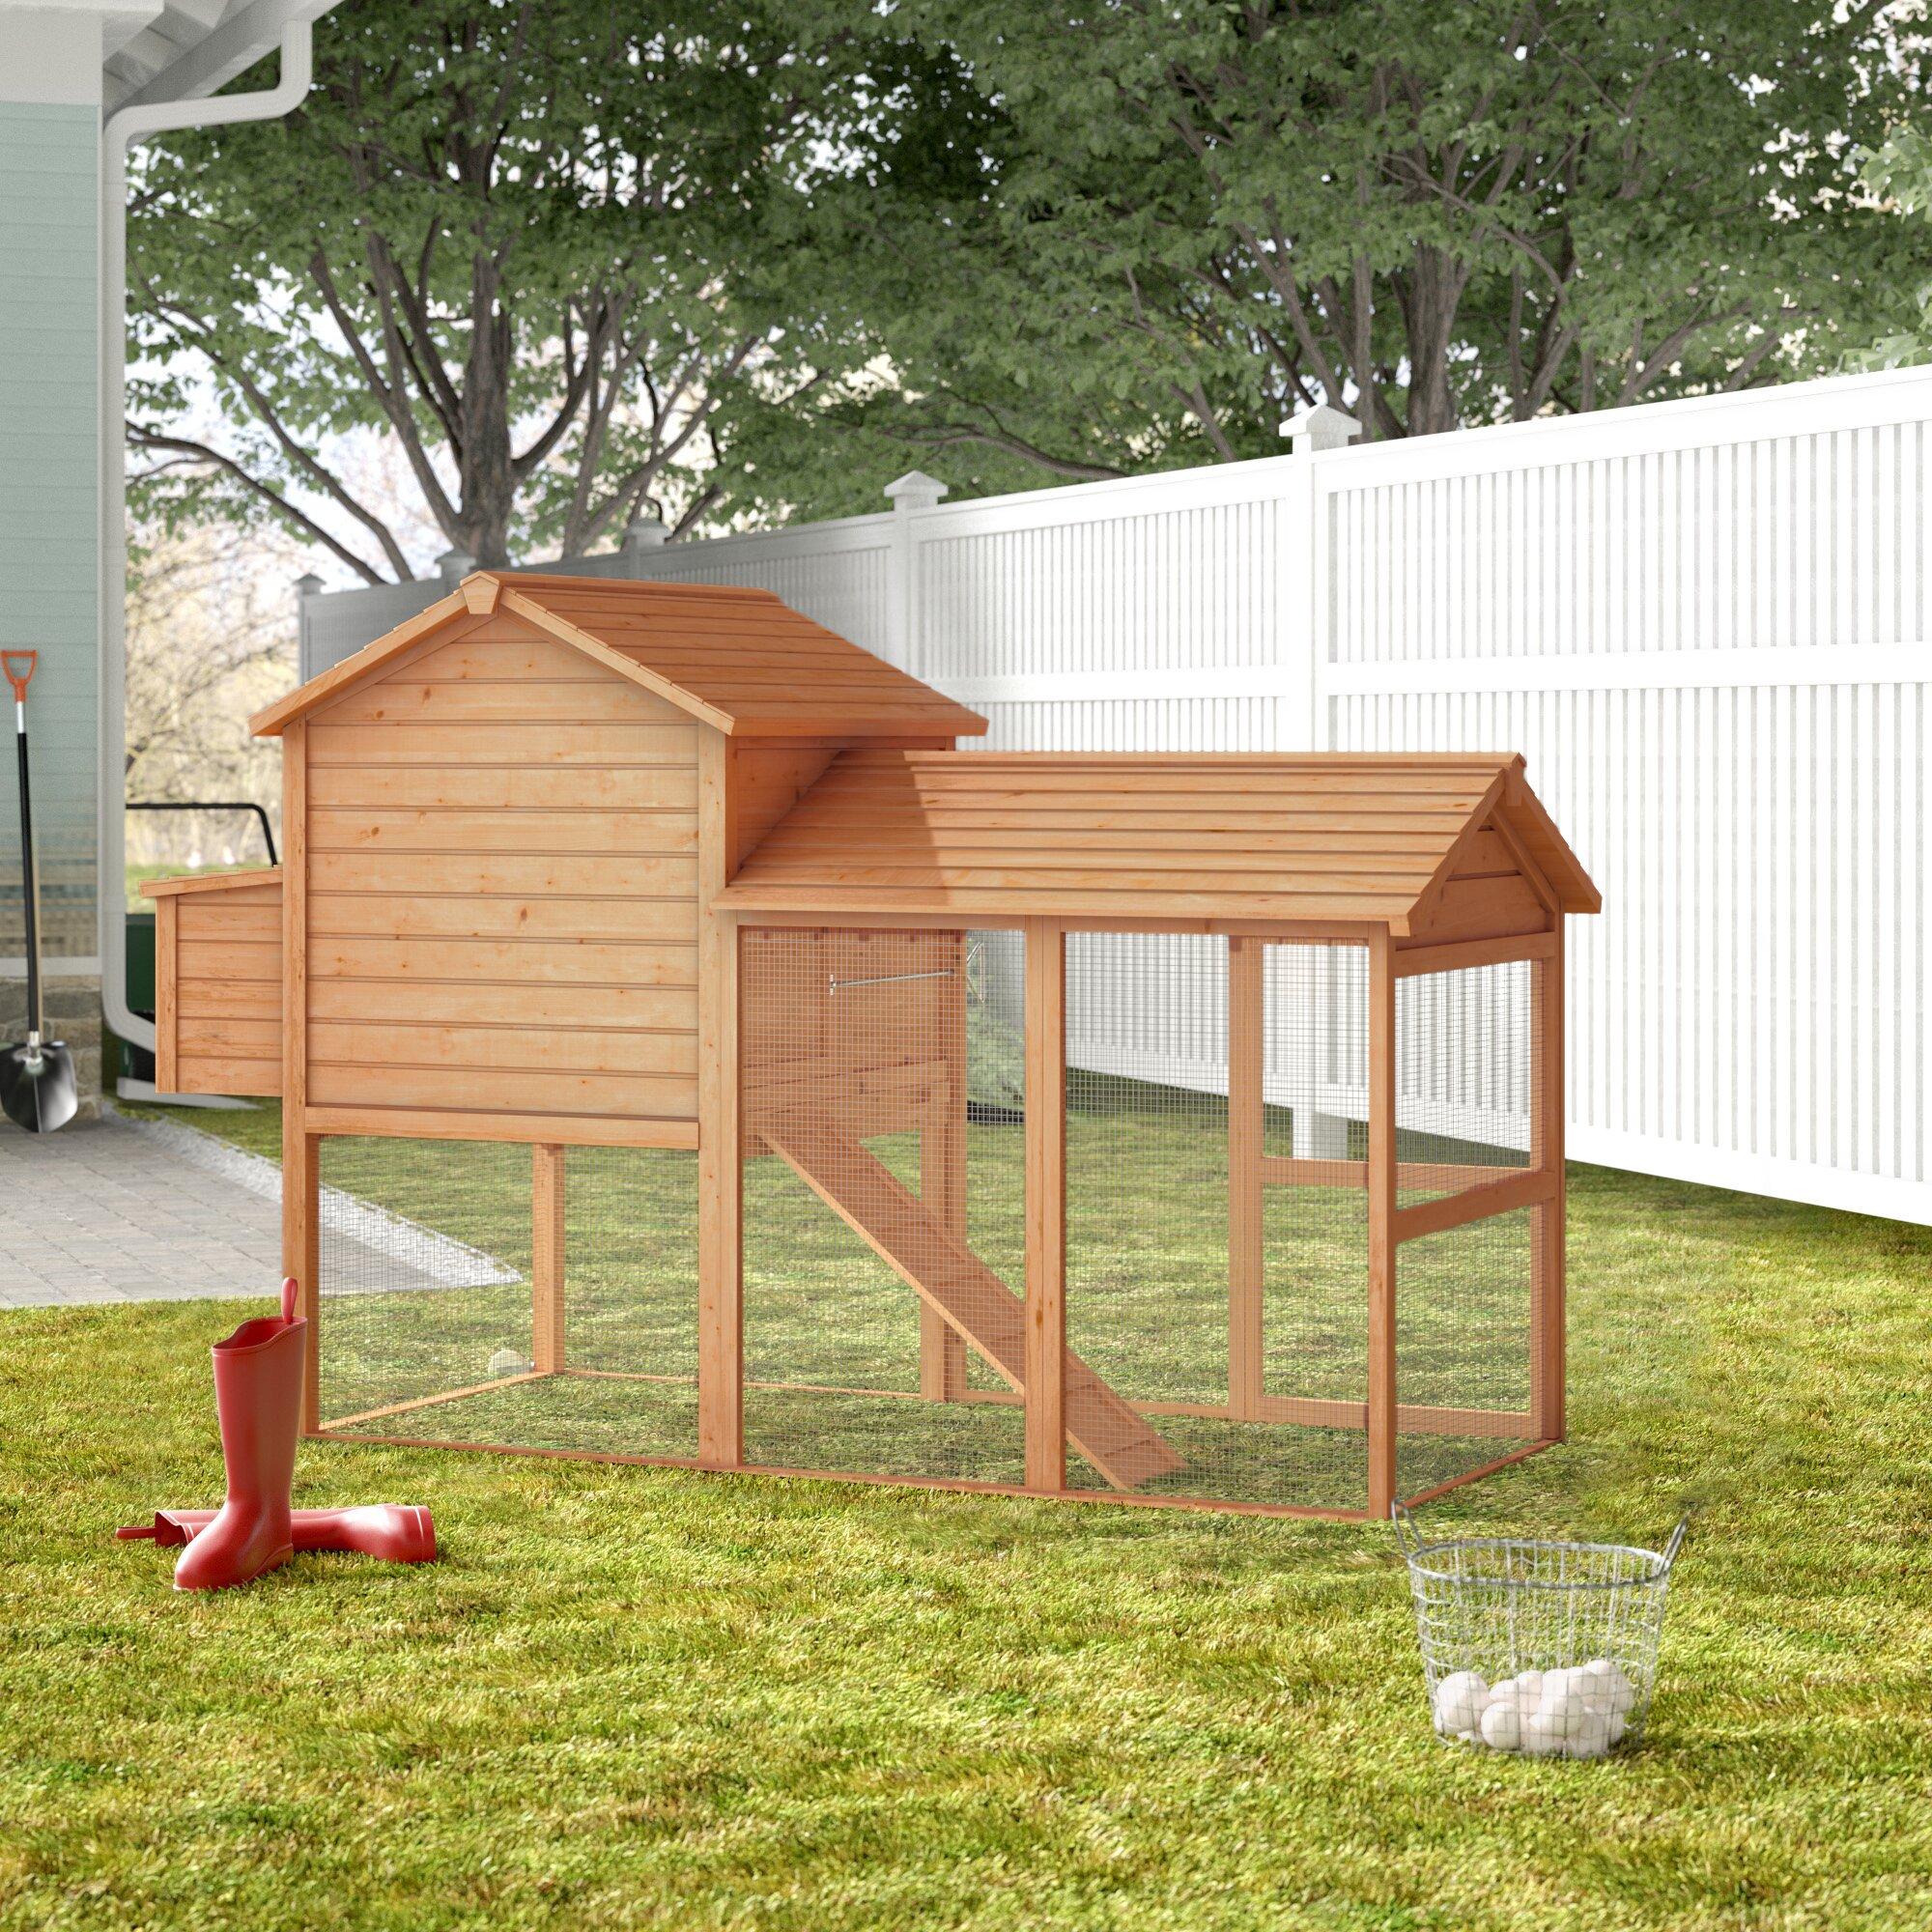 Walk In Chicken Coop | Wayfair